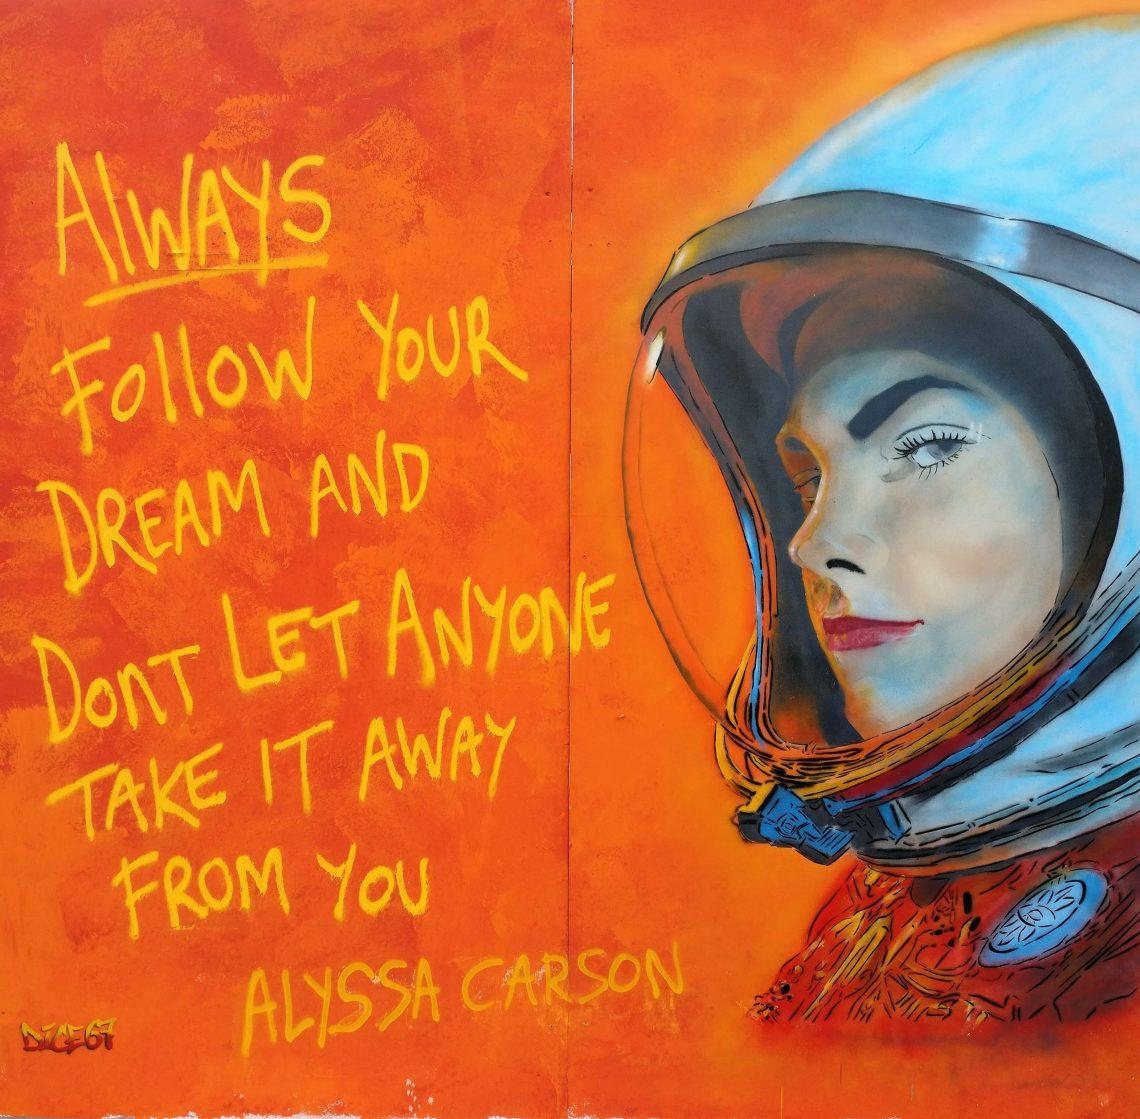 Dice SixtySeven Upfest Alyssa Carson